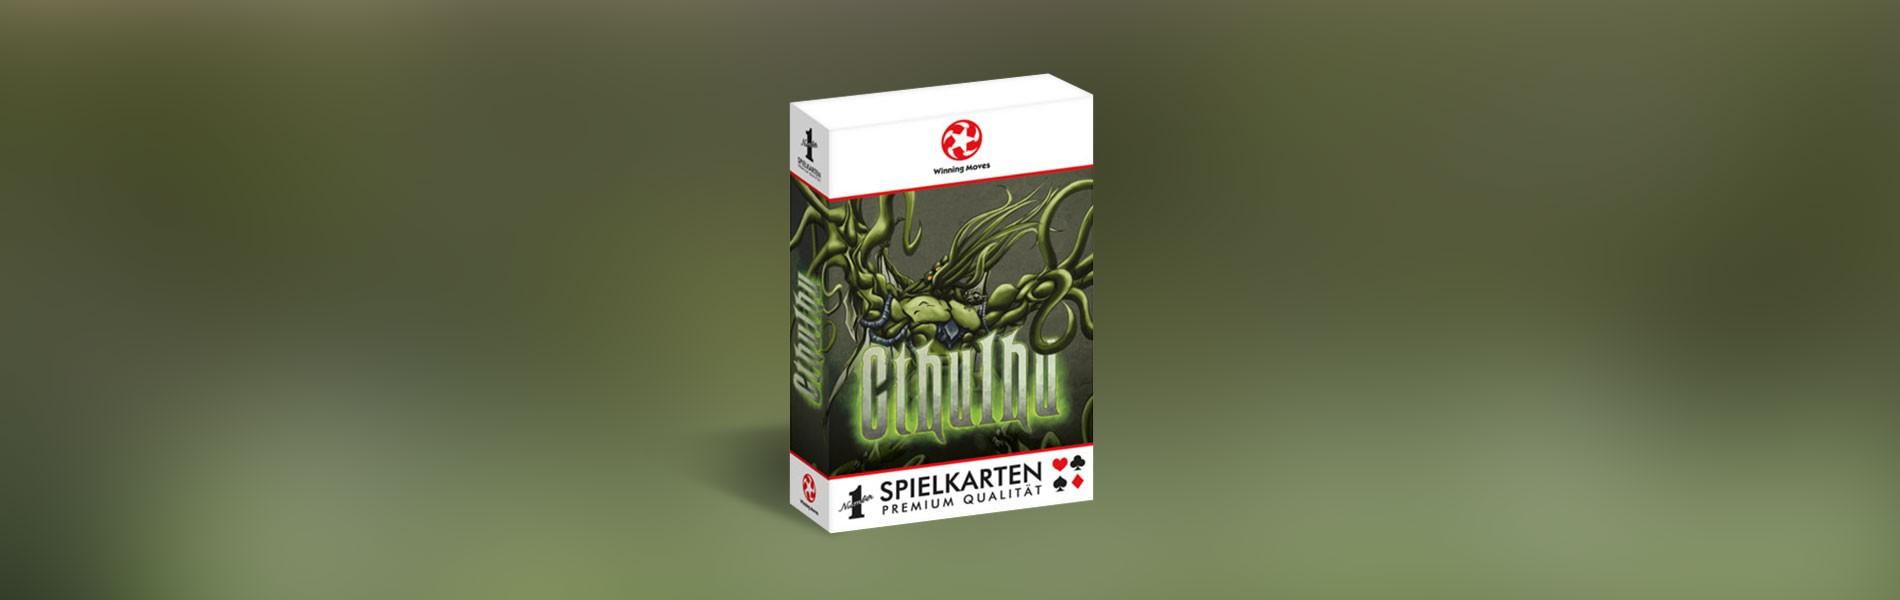 Number 1 Spielkarten Cthulhu